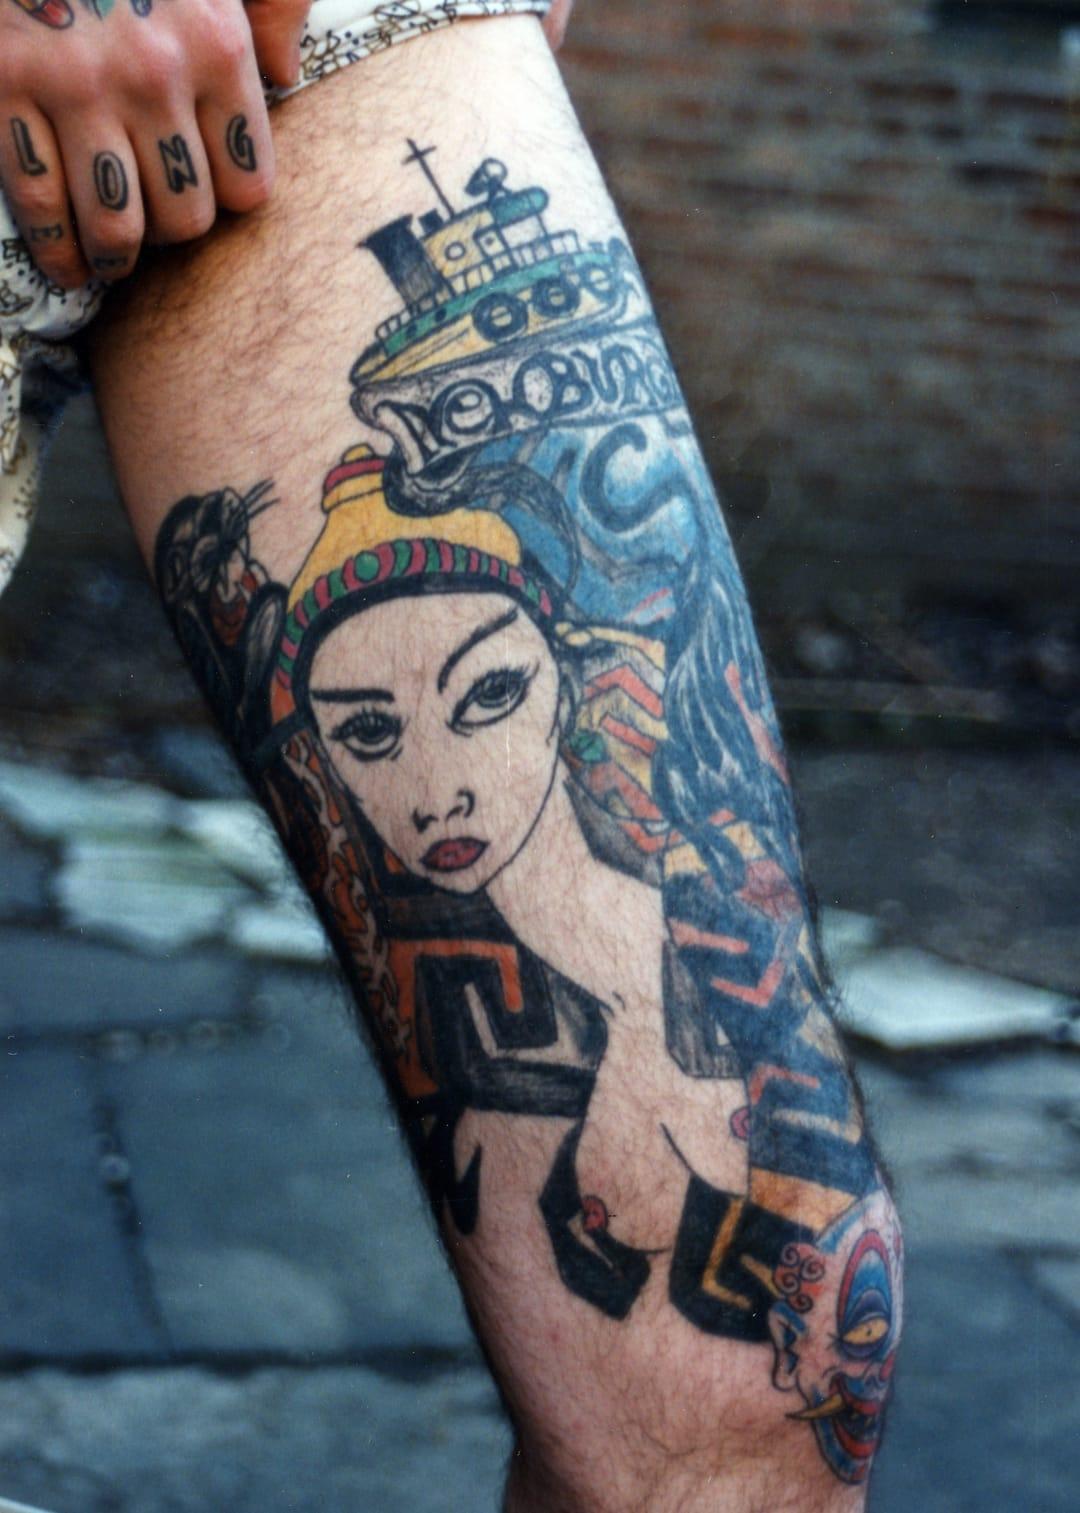 Tattoo, art by Thom de Vita